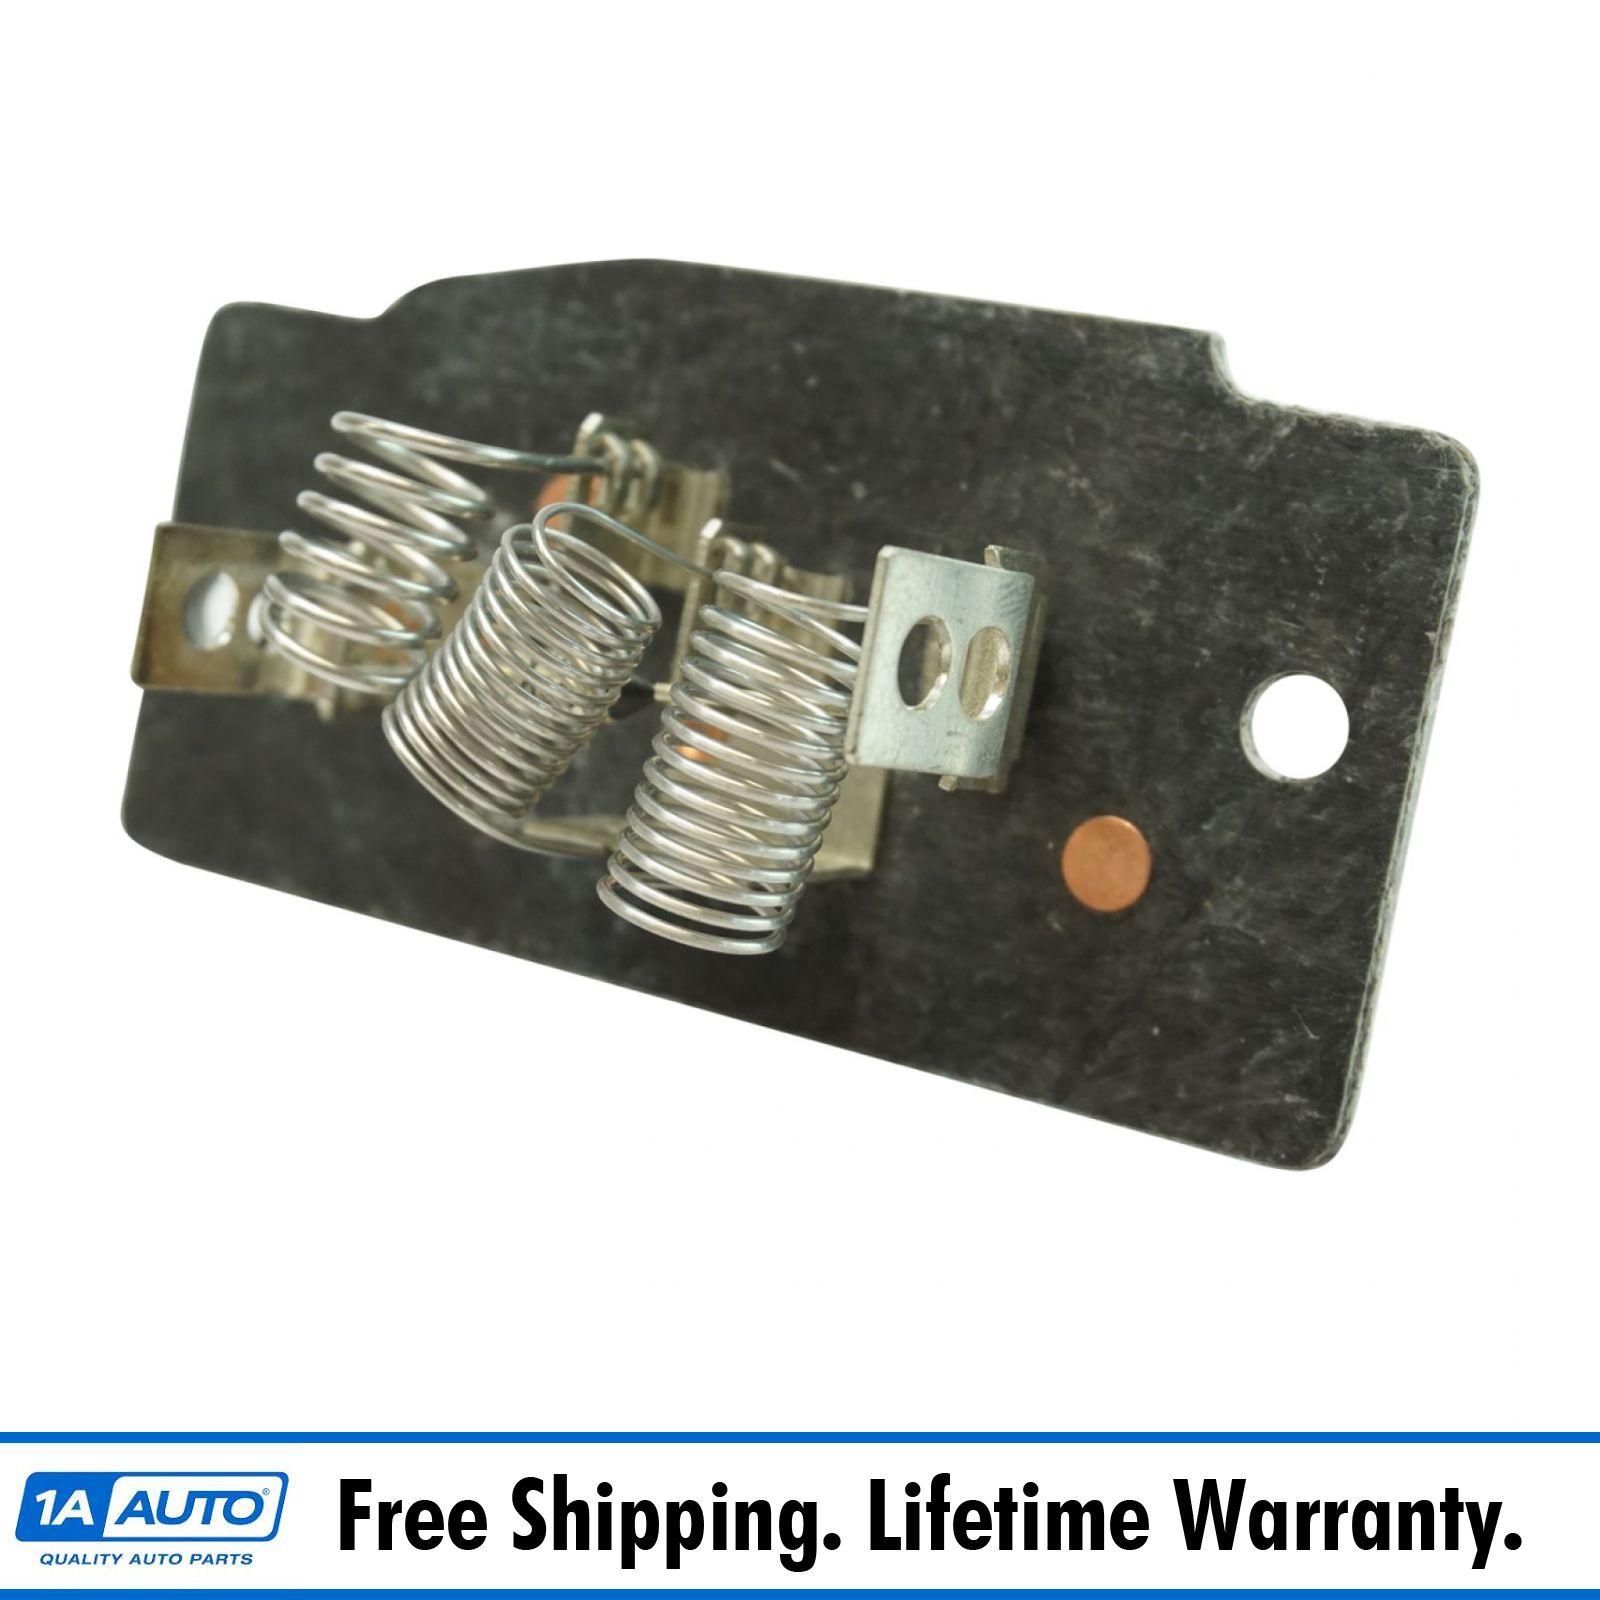 Heater Blower Motor Resistor for Ford LTD Mercury Lincoln